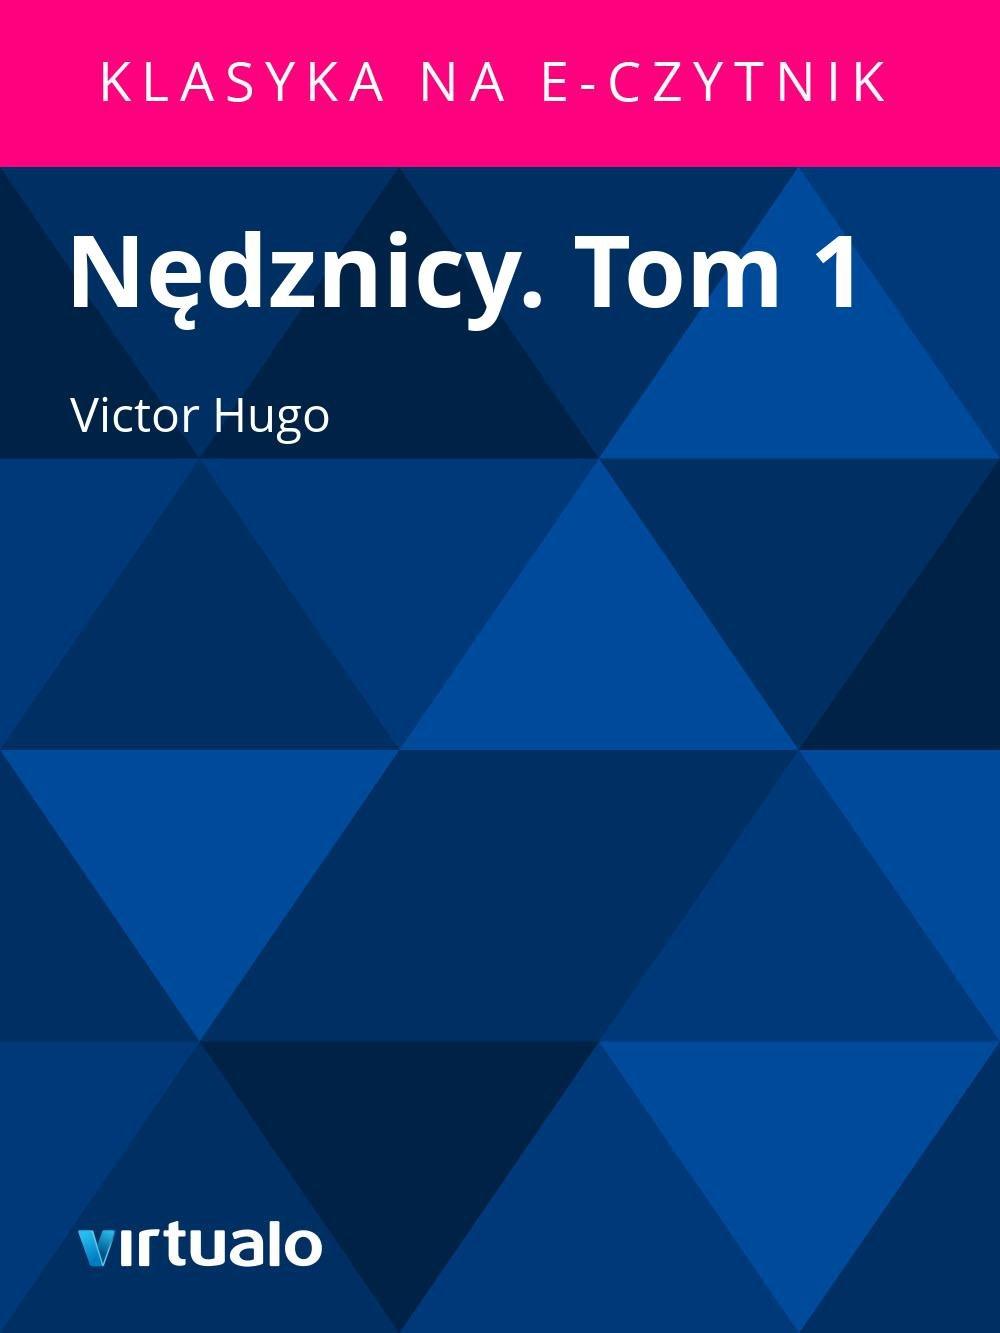 Nędznicy. Tom 1 - Ebook (Książka EPUB) do pobrania w formacie EPUB